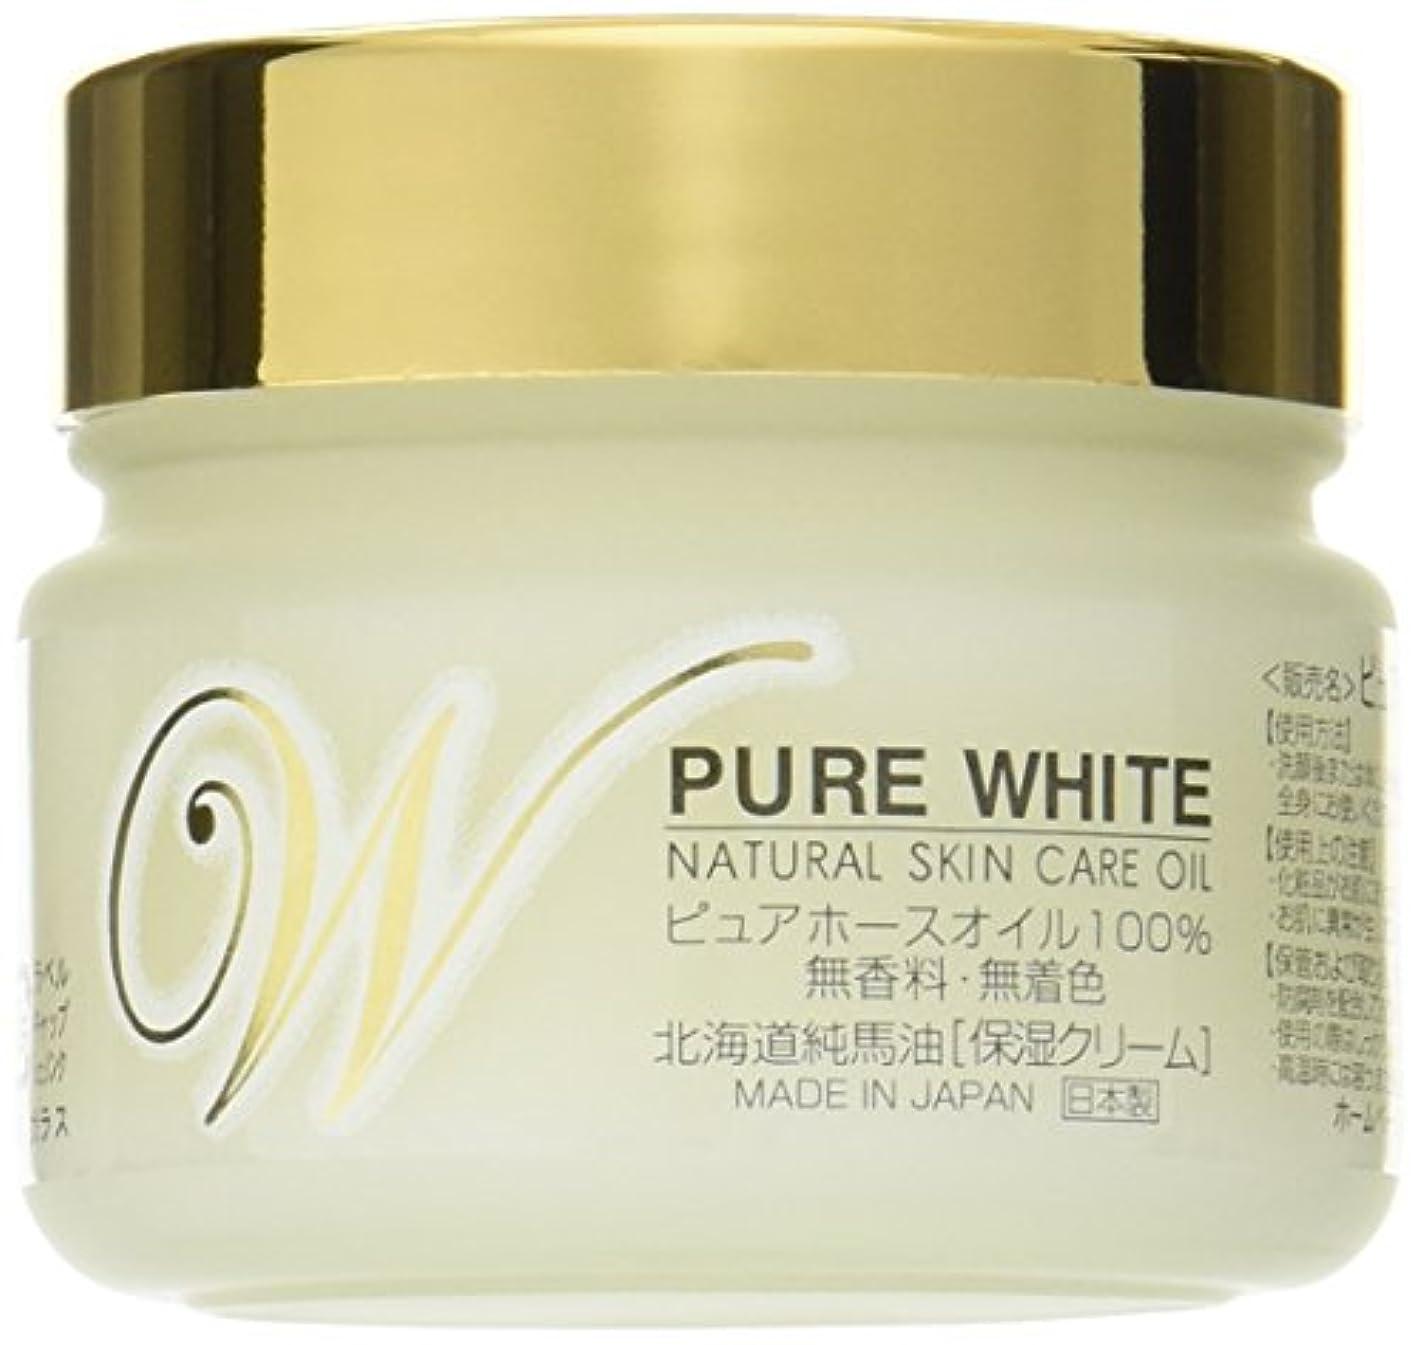 お茶殺人明確な北海道純馬油本舗 ピュアホワイト ピュアホースオイル100% 保湿クリーム 無香料無着色 100g